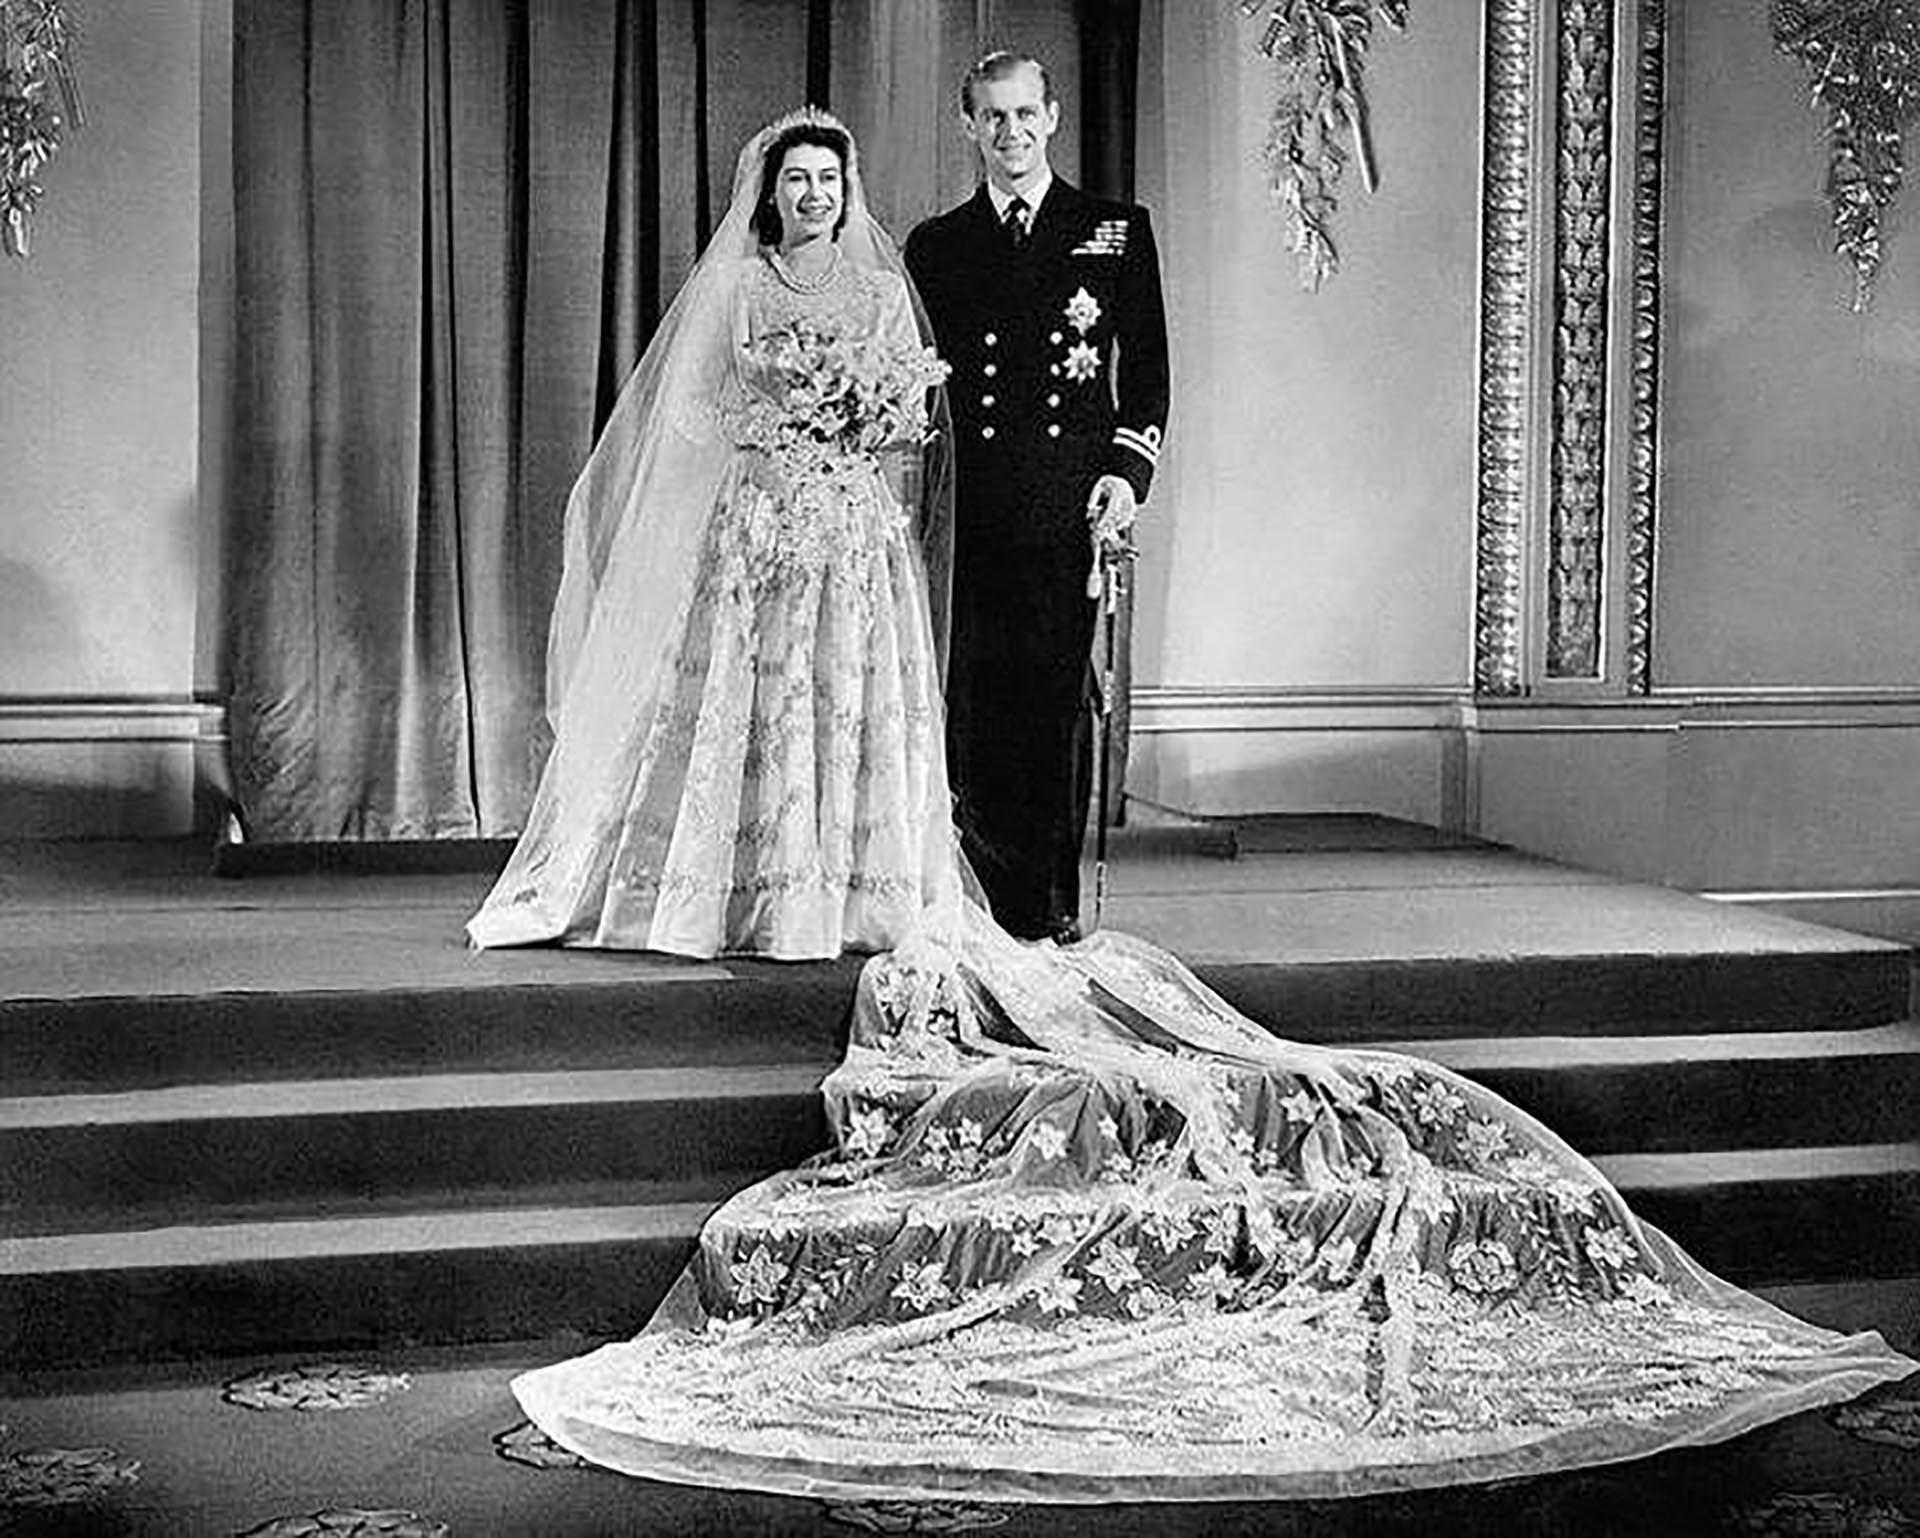 Casi 20 metros de velo bordado a mano completaron el look de la reina Isabel II